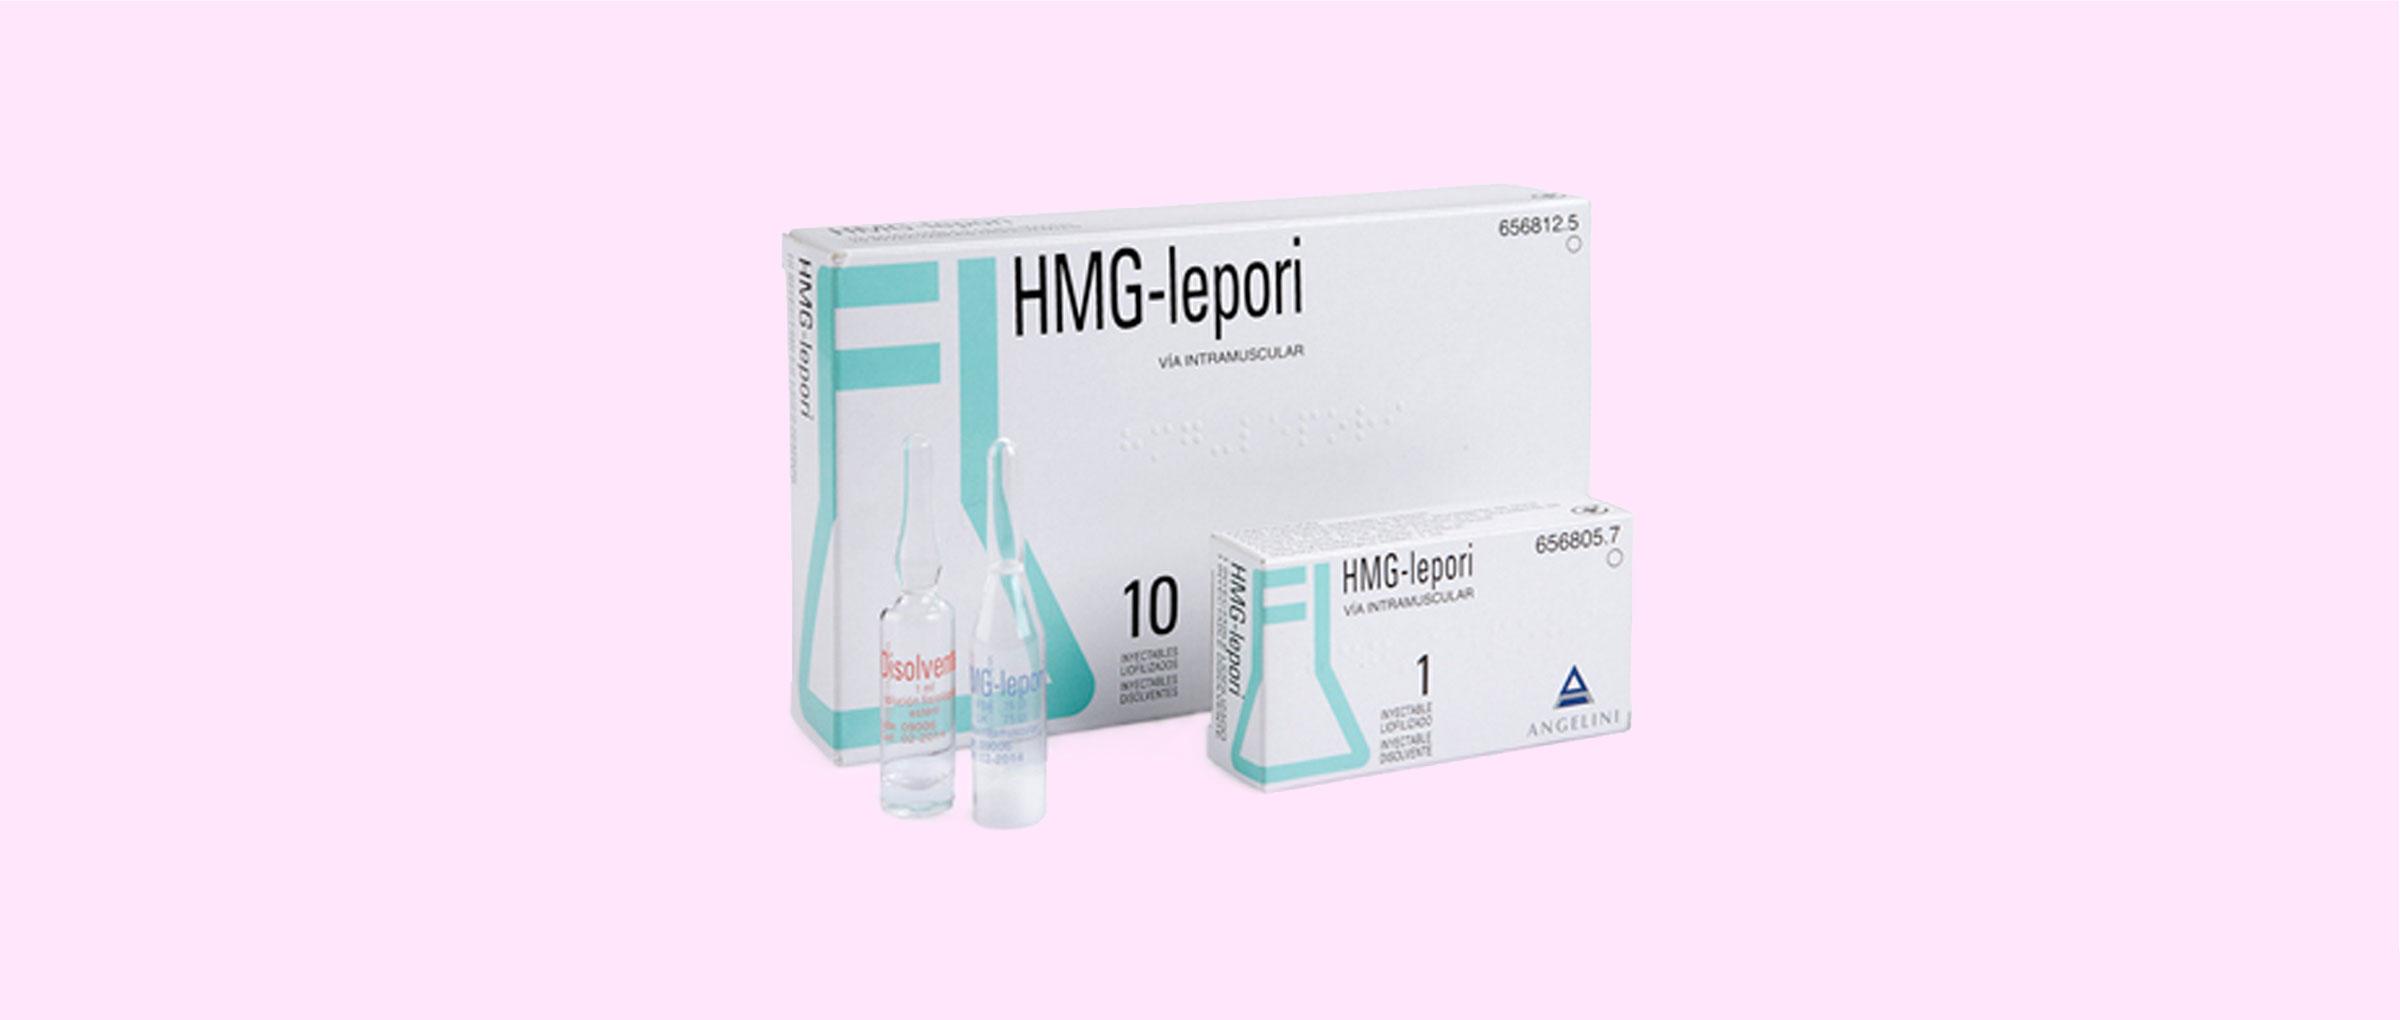 Presentación del medicamento hMG